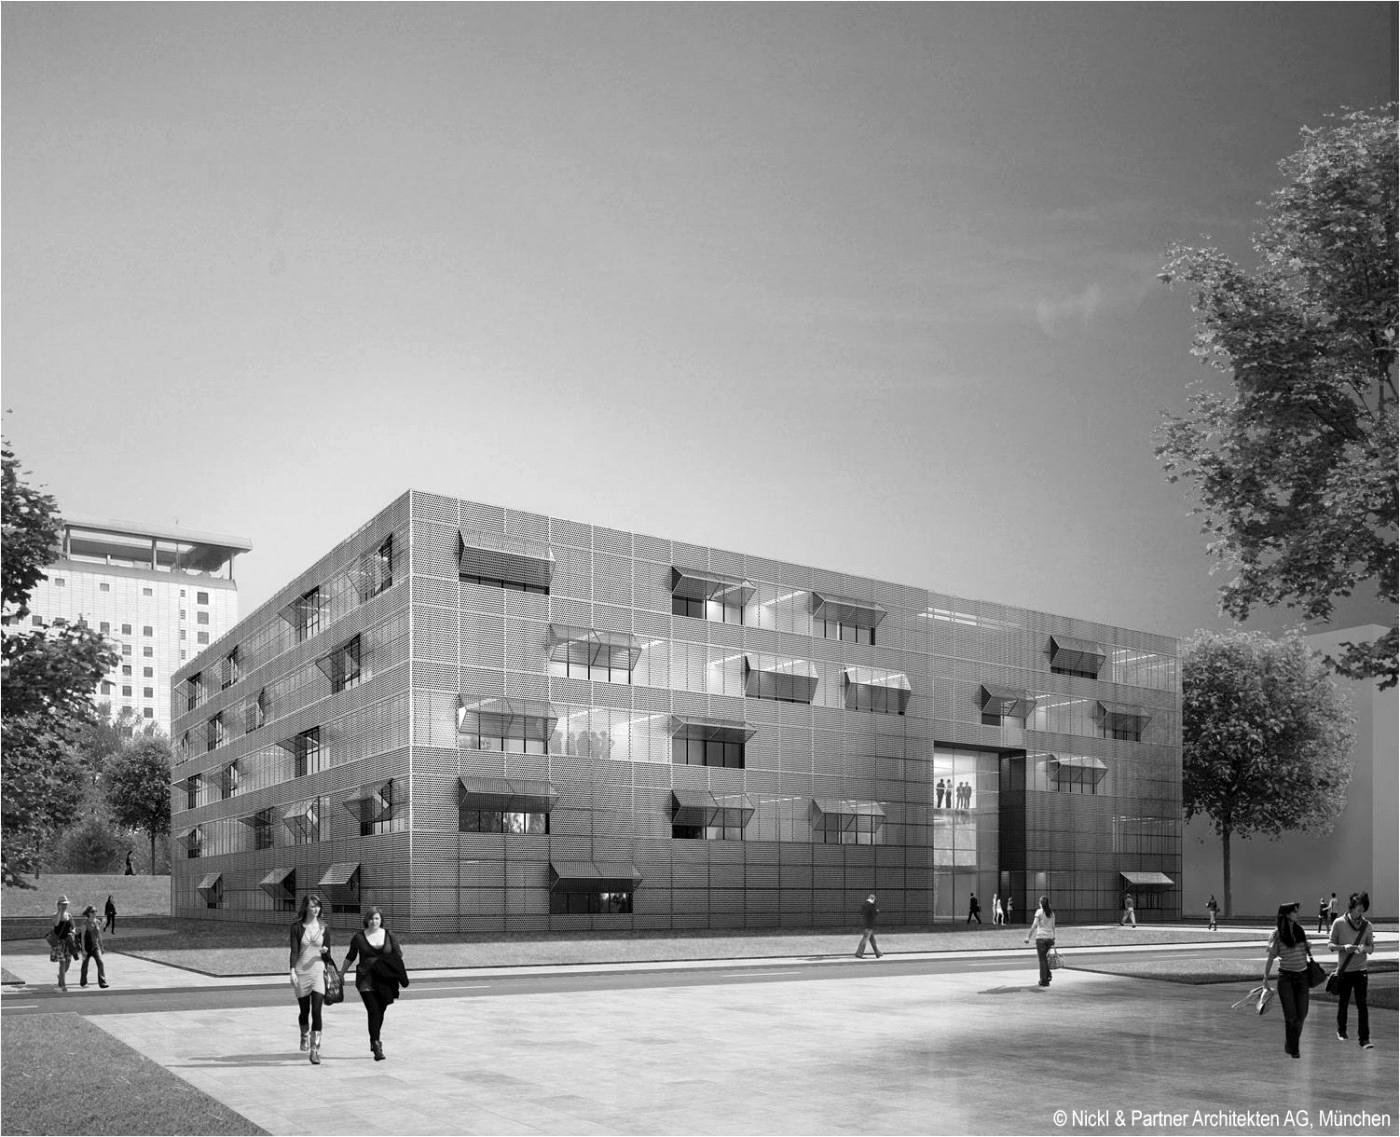 ww_Bildung_Zentrum fuer Schlaganfall_Copyright_Nickl Partner Architekten_Muenchen_sw